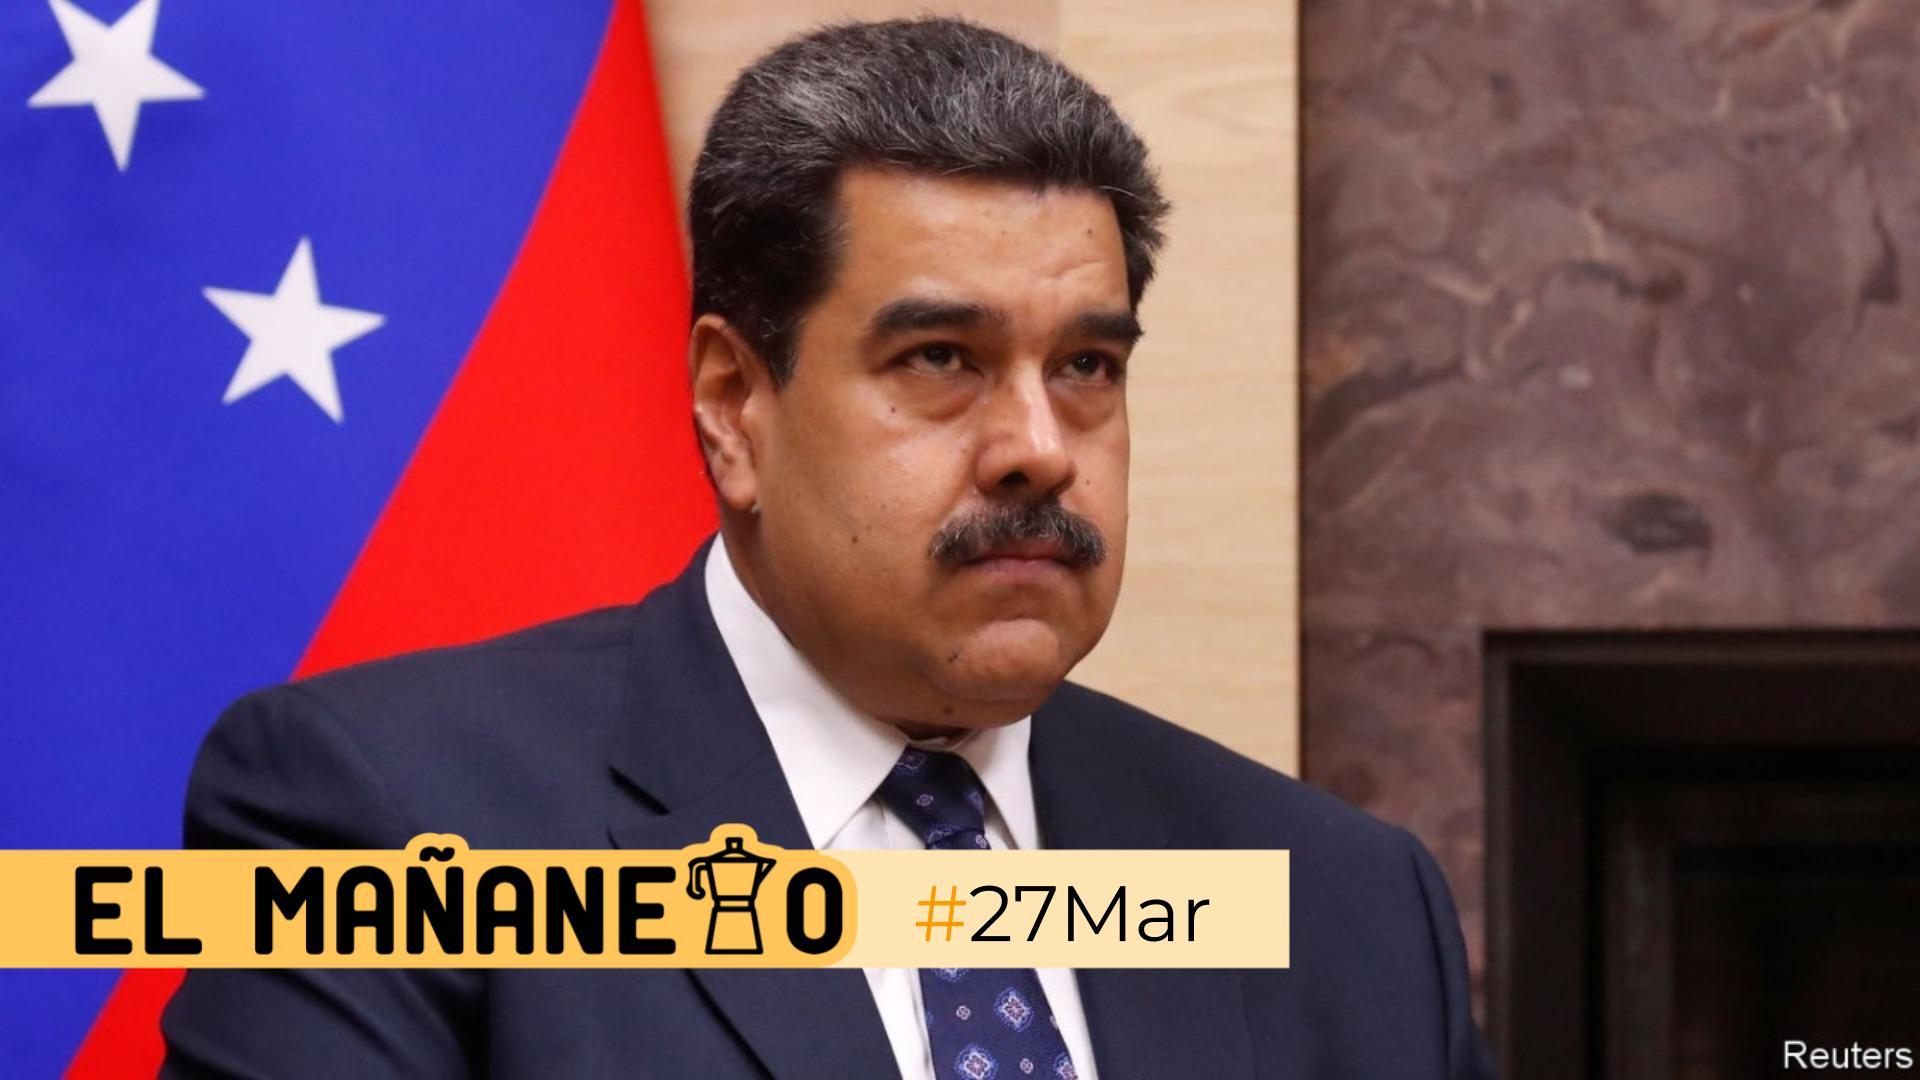 El Mañanero de hoy #27Mar: Las 8 noticias que debes saber